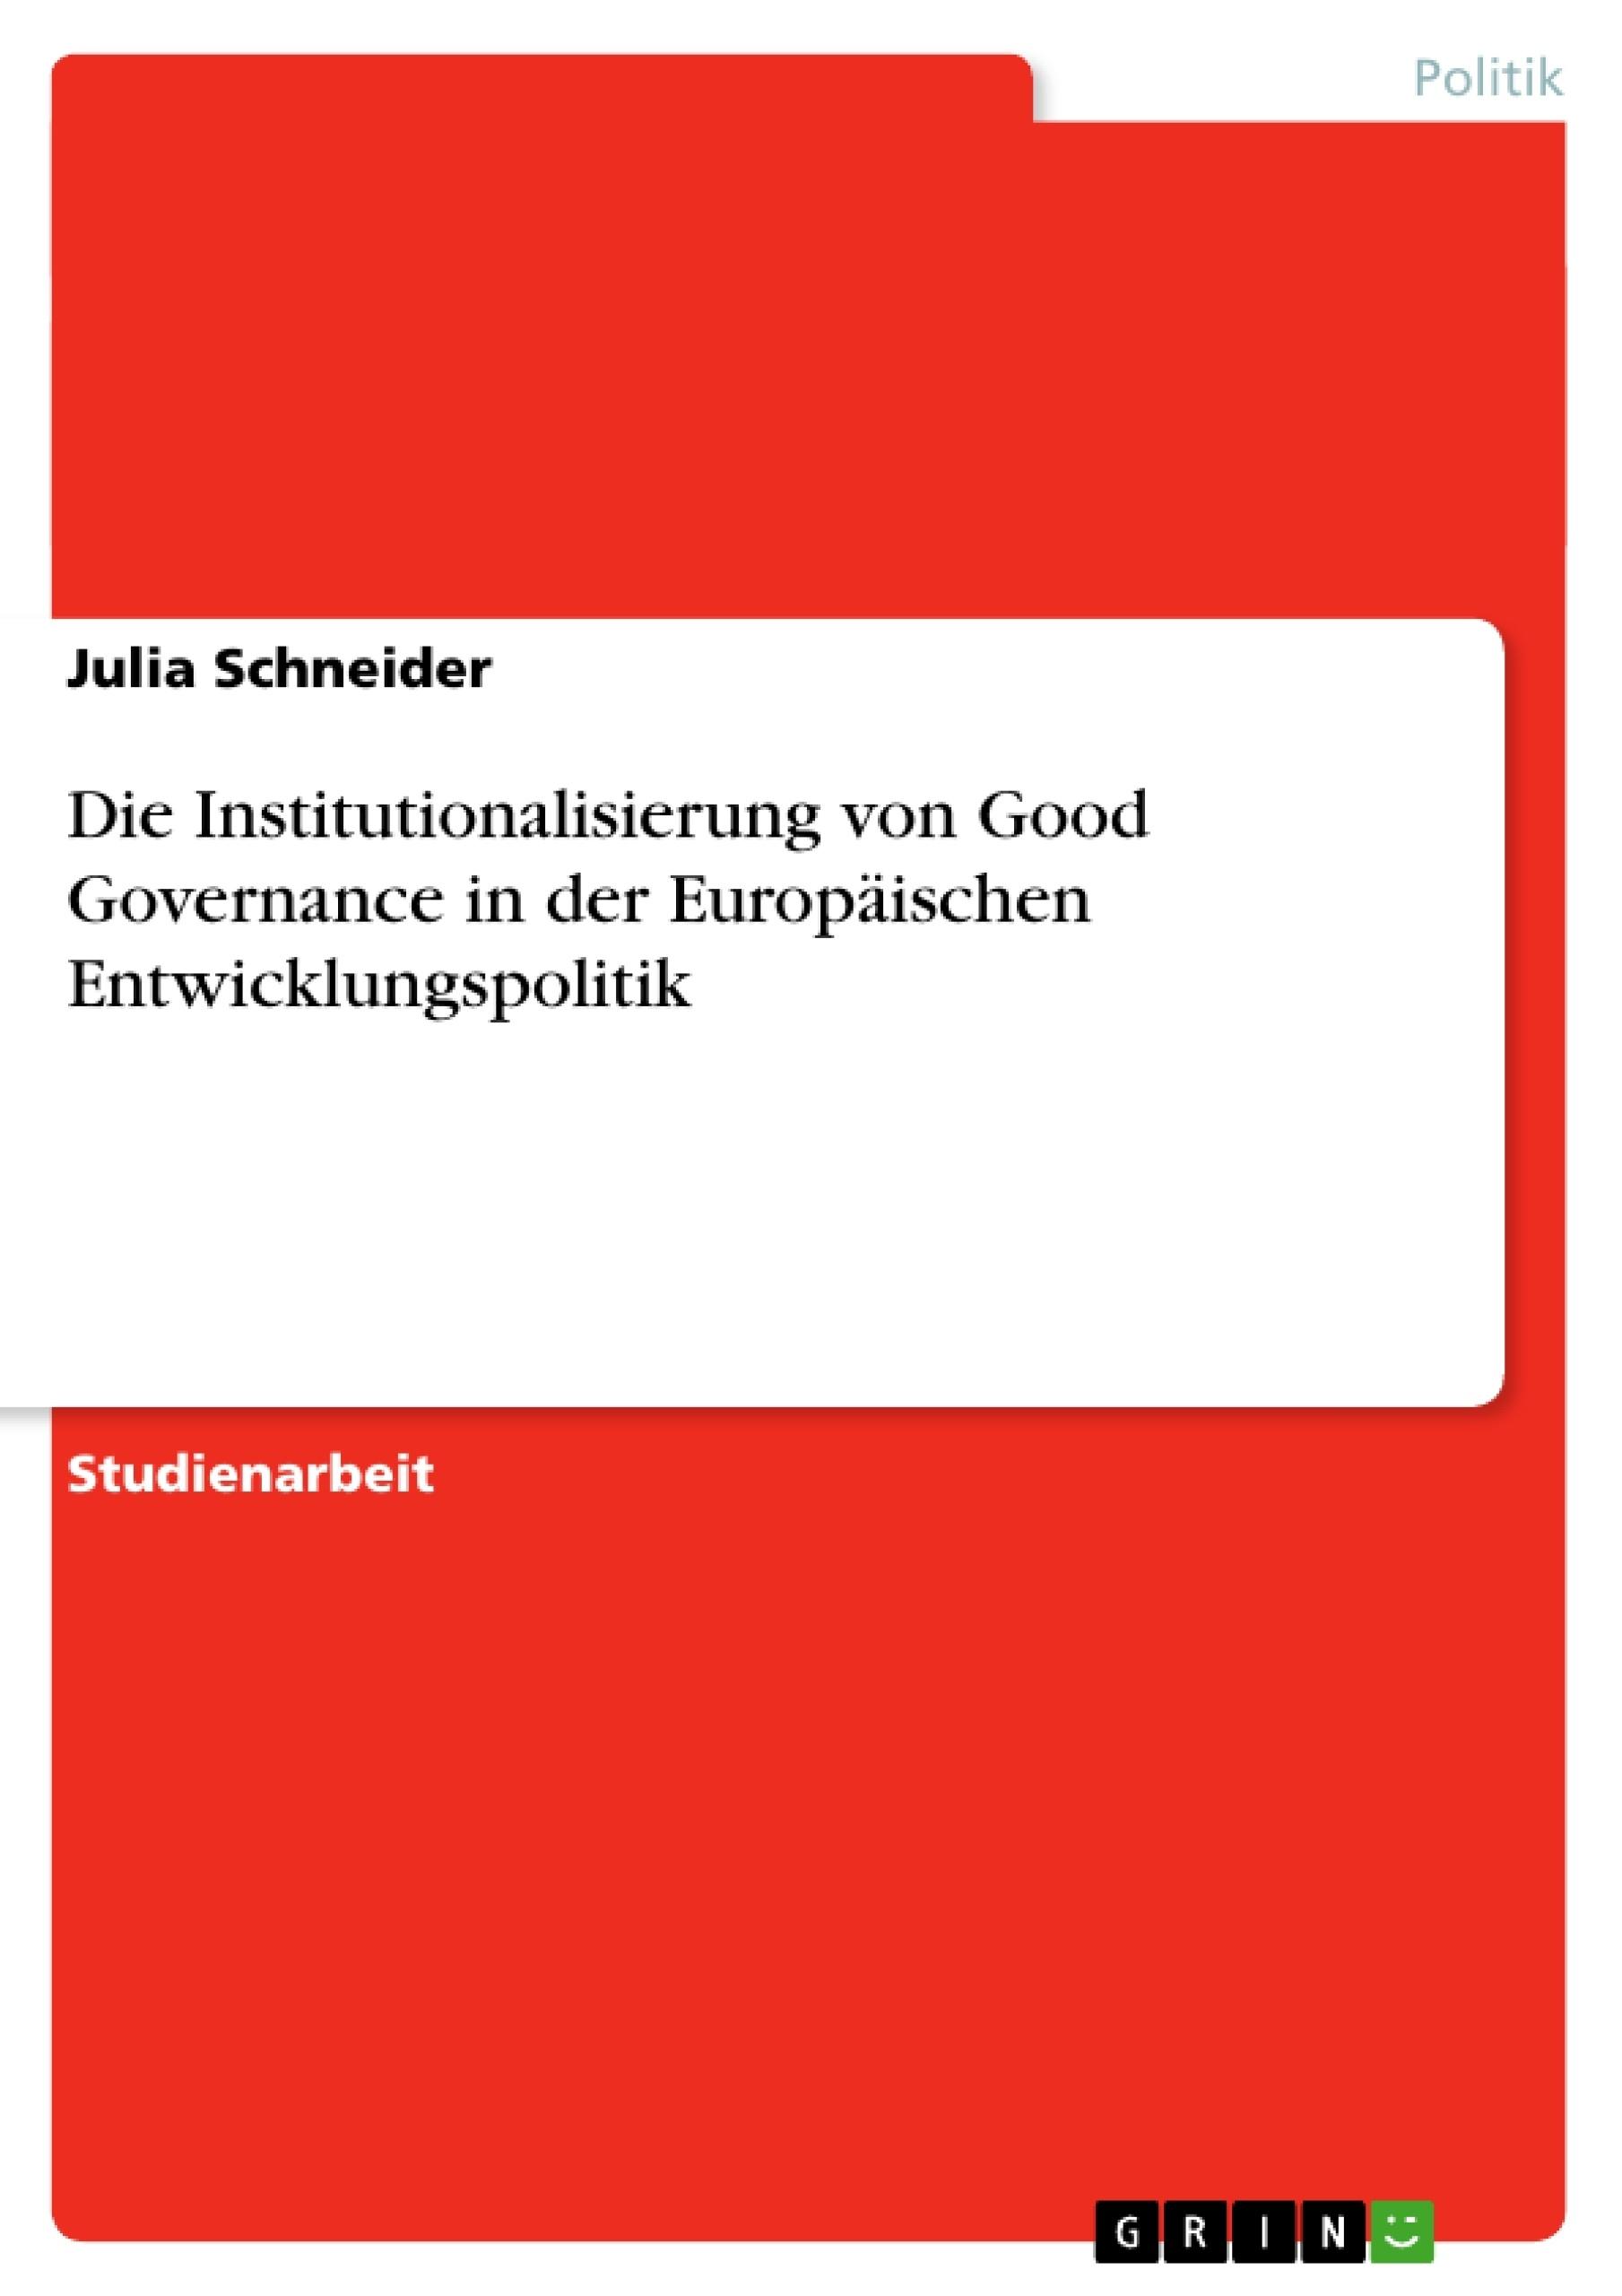 Titel: Die Institutionalisierung von Good Governance in der Europäischen Entwicklungspolitik